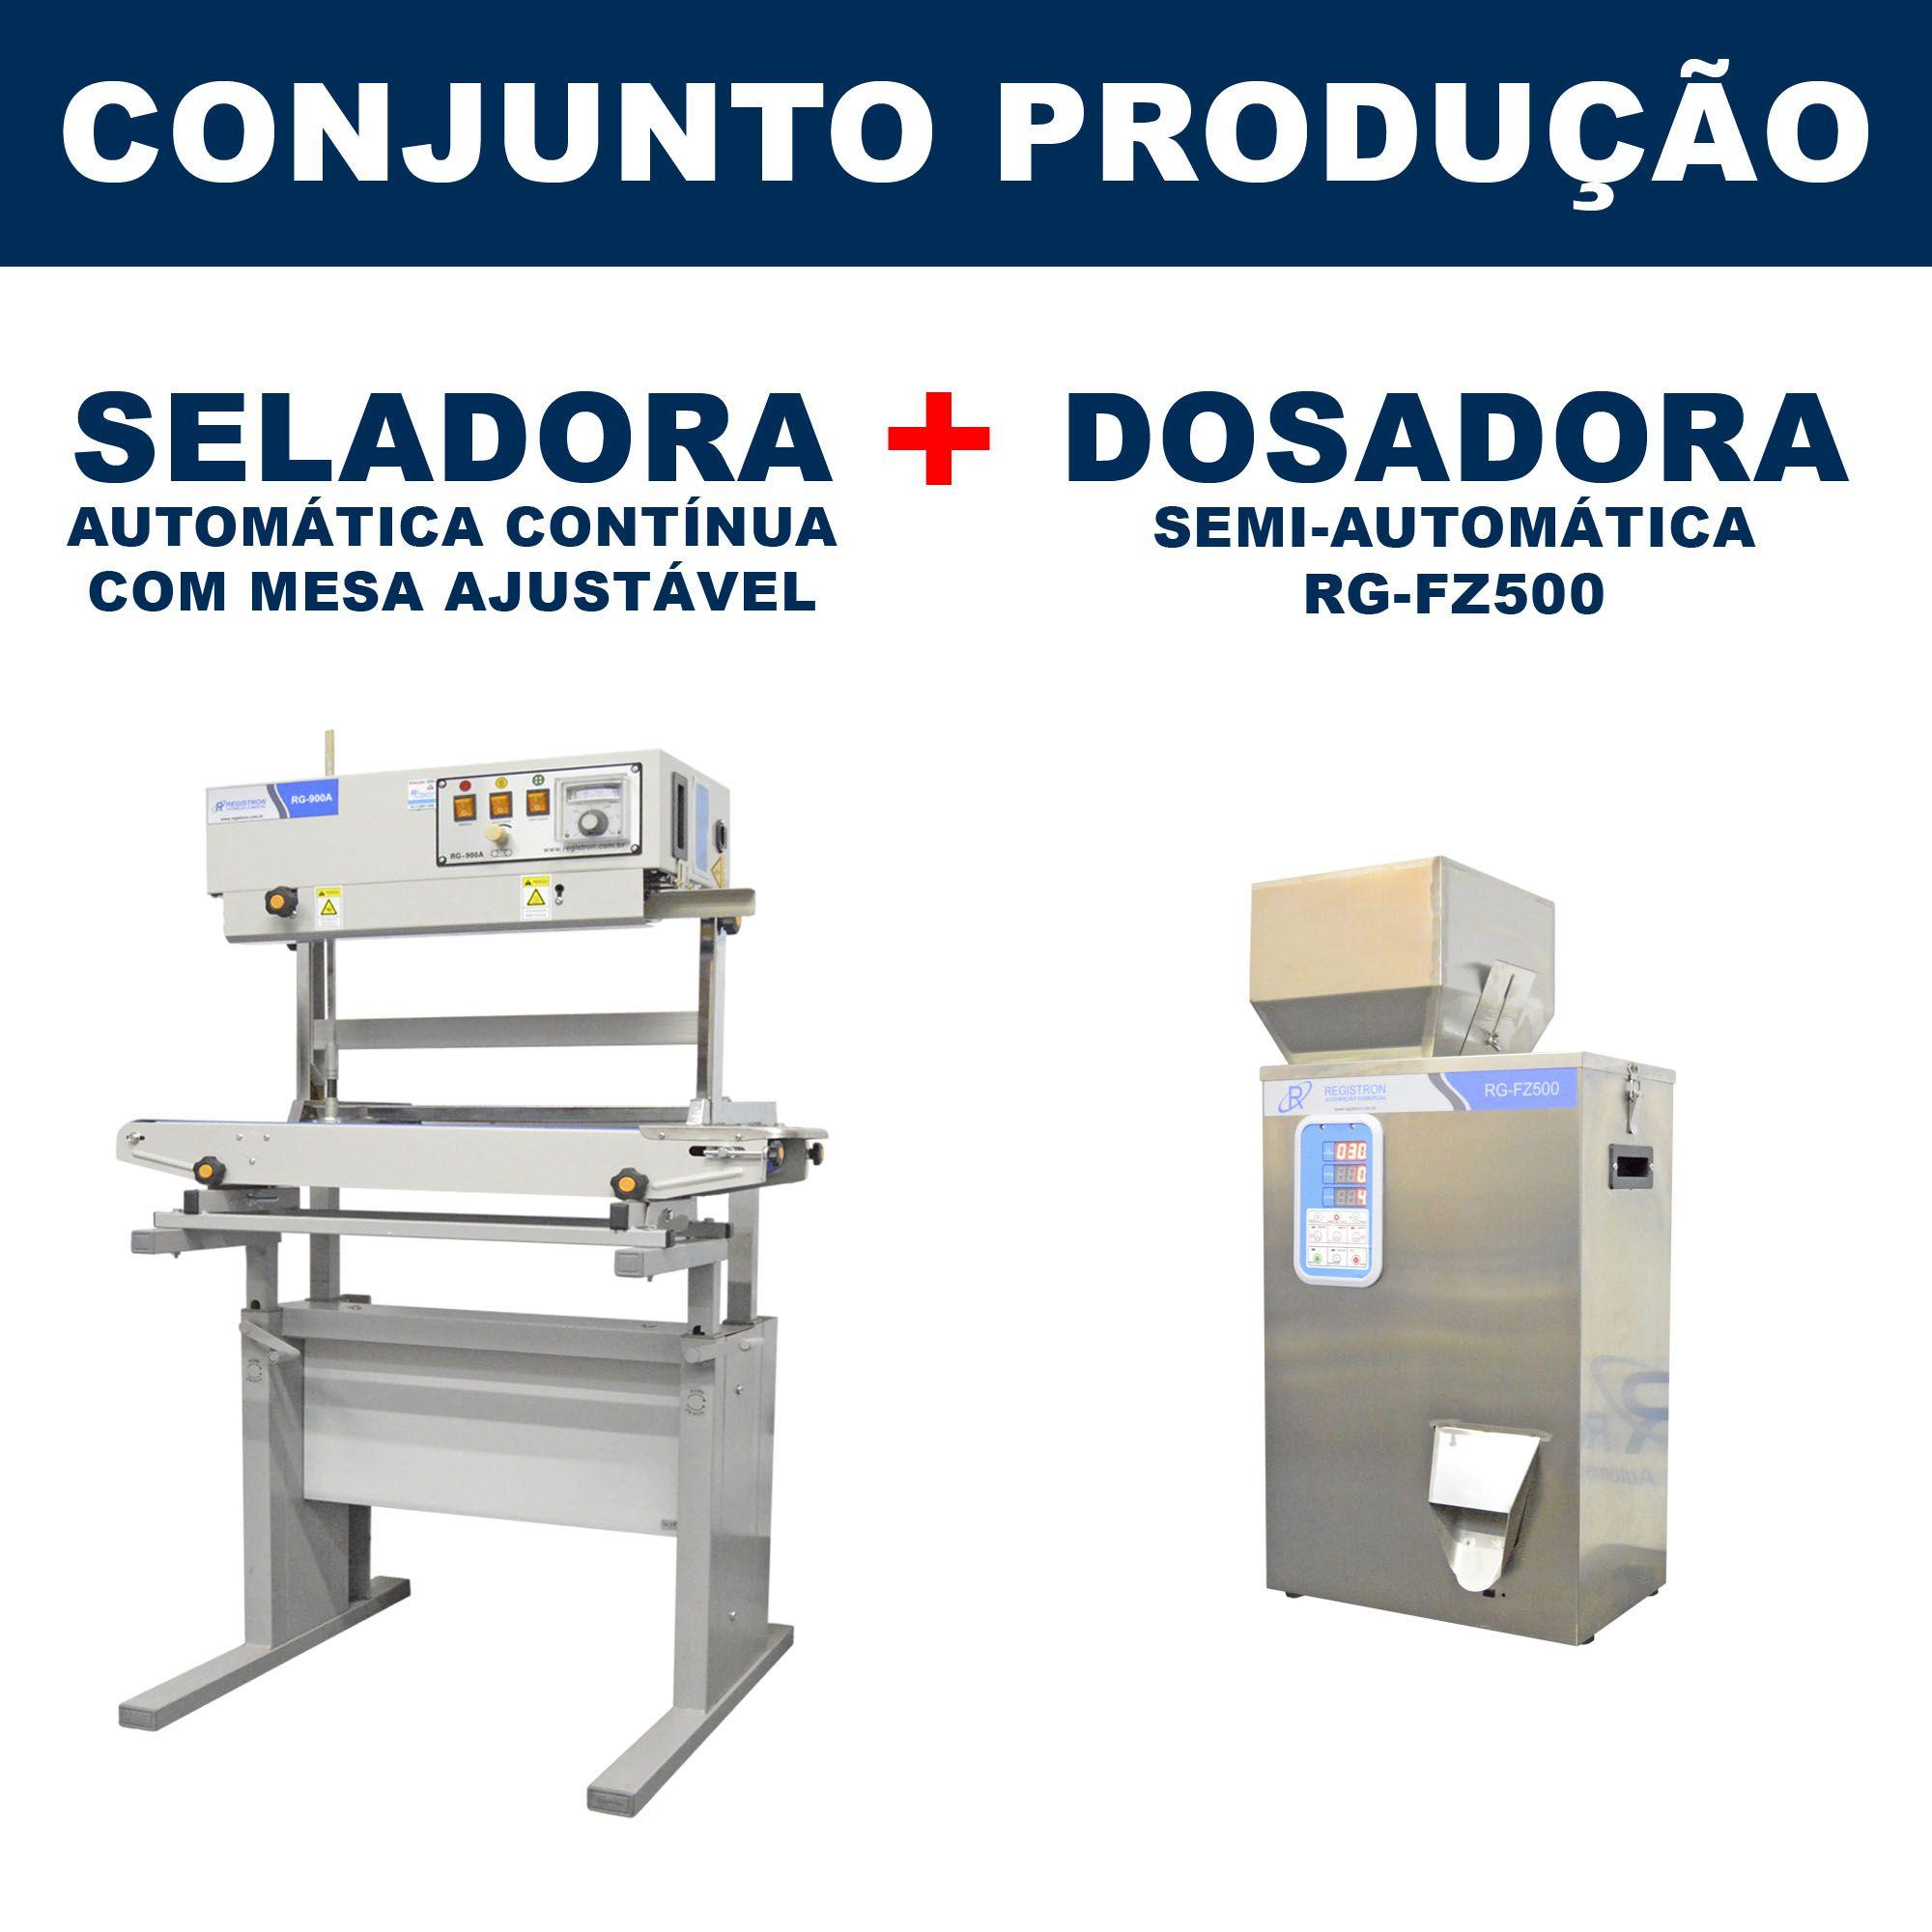 Dosadora e Seladora Automática (RG-FM500 - RG-900A vertical com mesa)